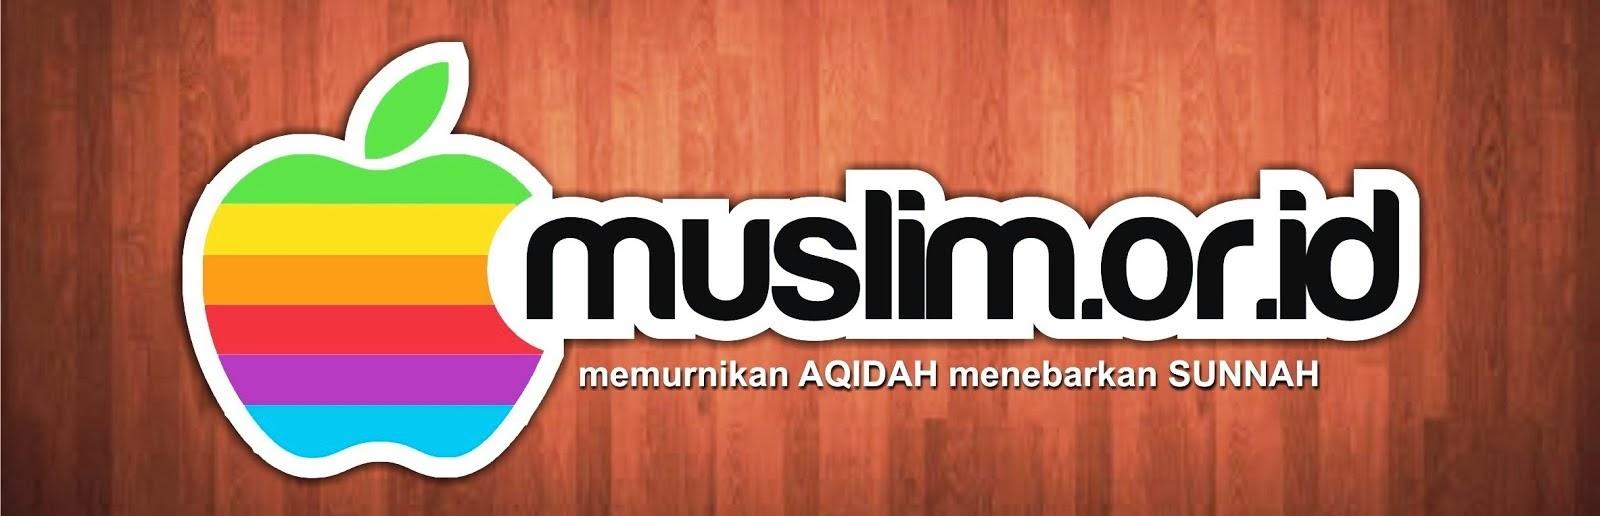 ARTIKEL ISLAMI TERPERCAYA